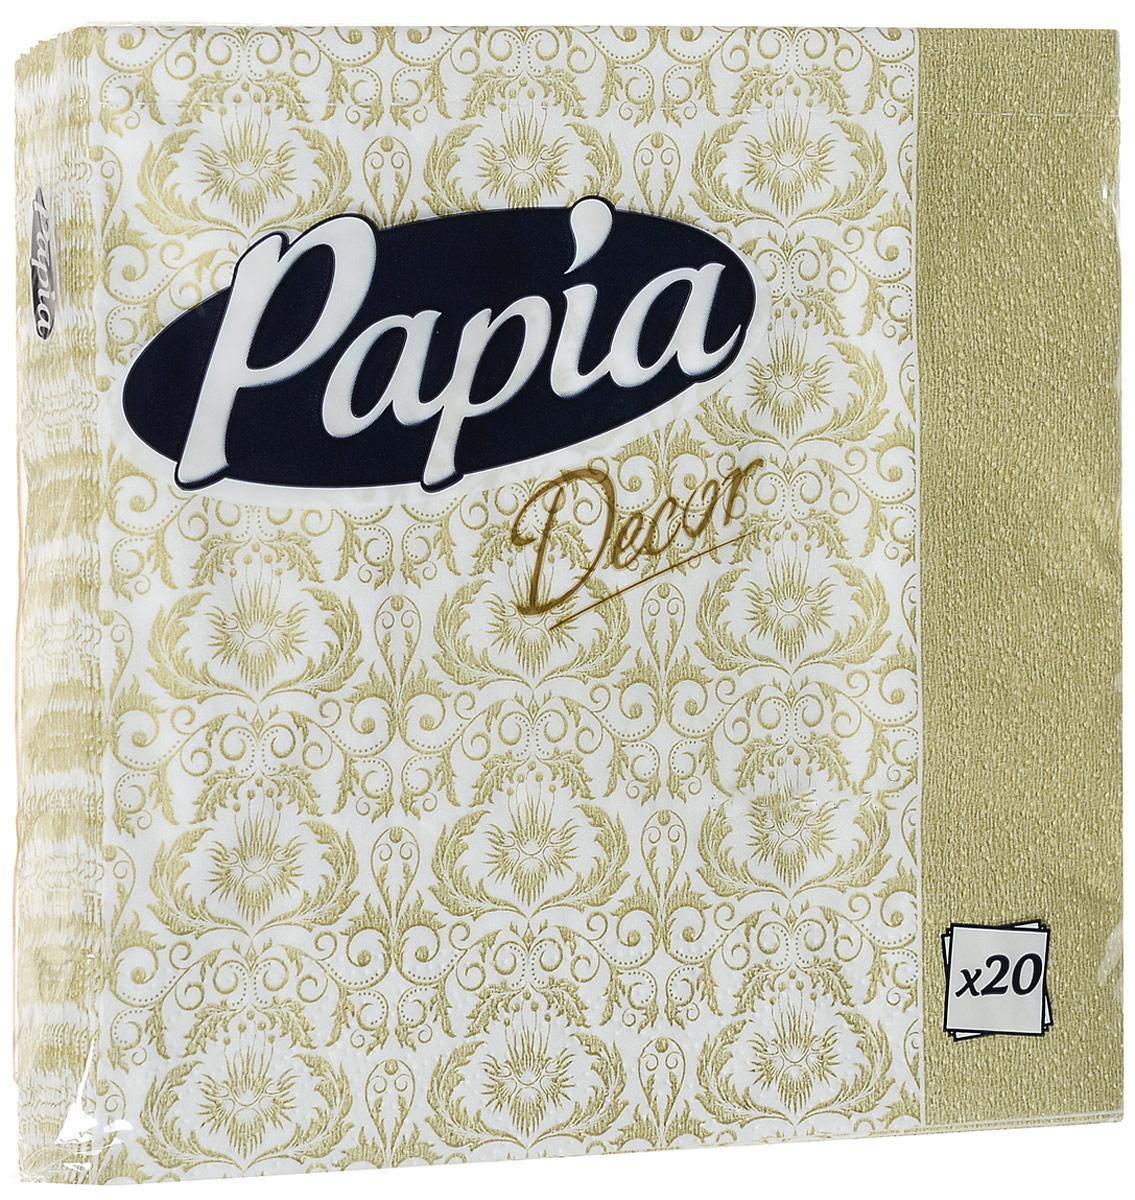 Салфетки бумажные Papia Decor, трехслойные, цвет: золотой, 33 х 33 см, 20 шт салфетки pol mak детский мотив трехслойные 33 х 33 см 20 шт